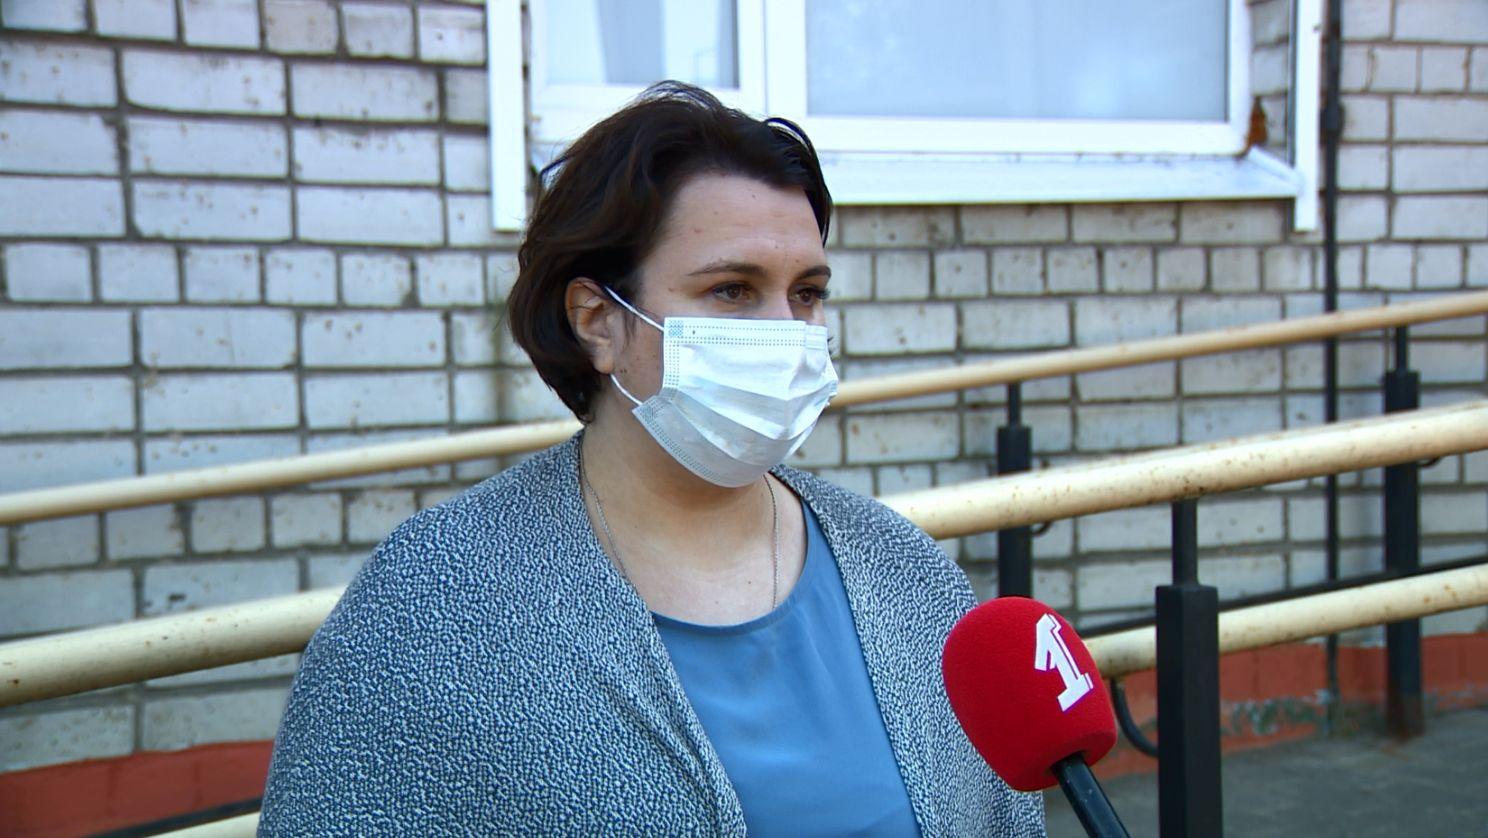 Отвага и слаженные действия медработников больницы № 3 Ярославля отмечены региональными властями